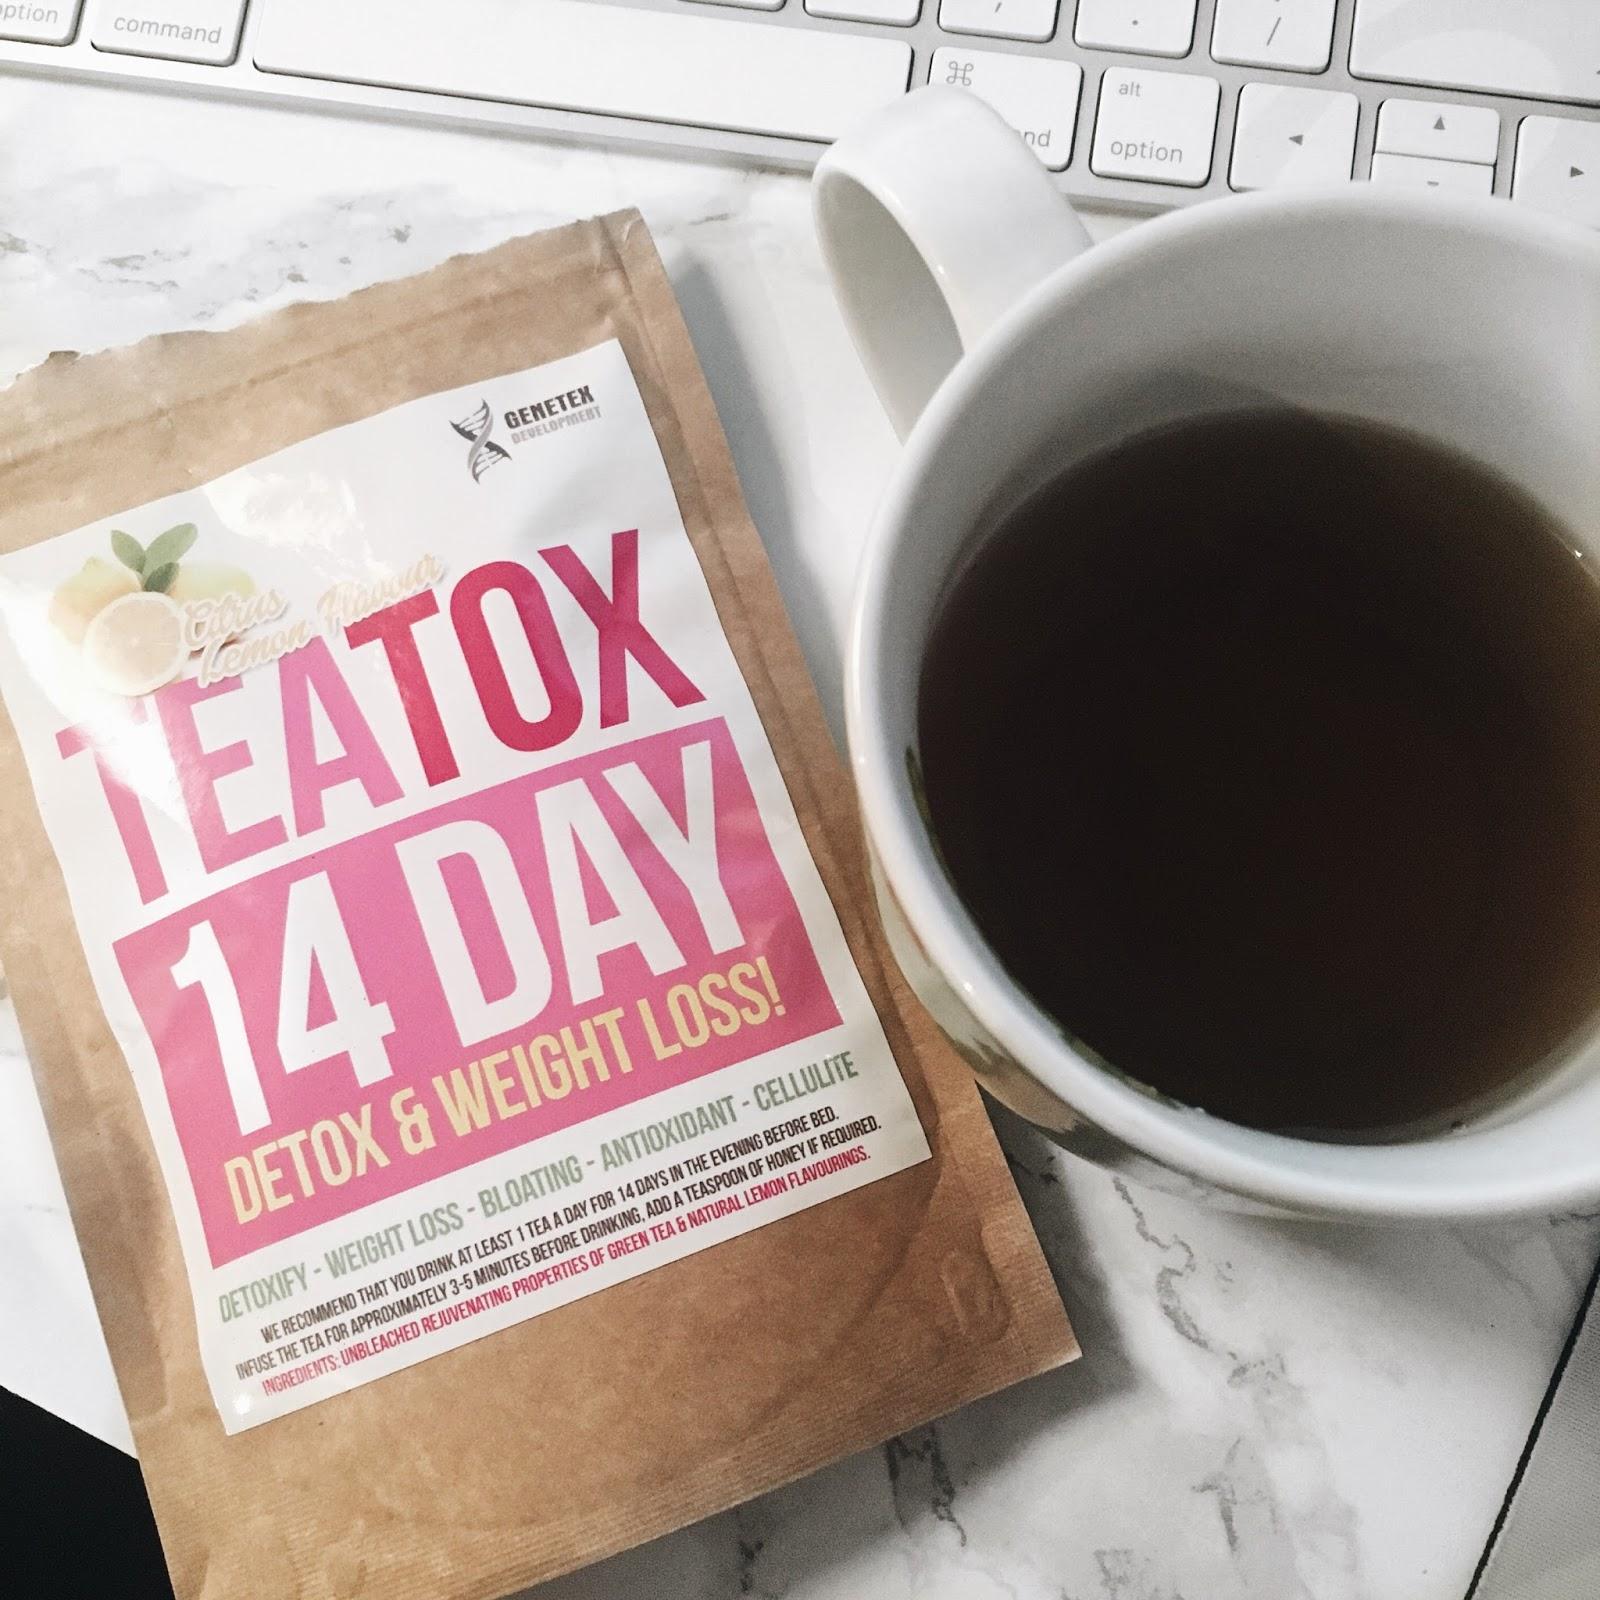 Lemon-TeaTox